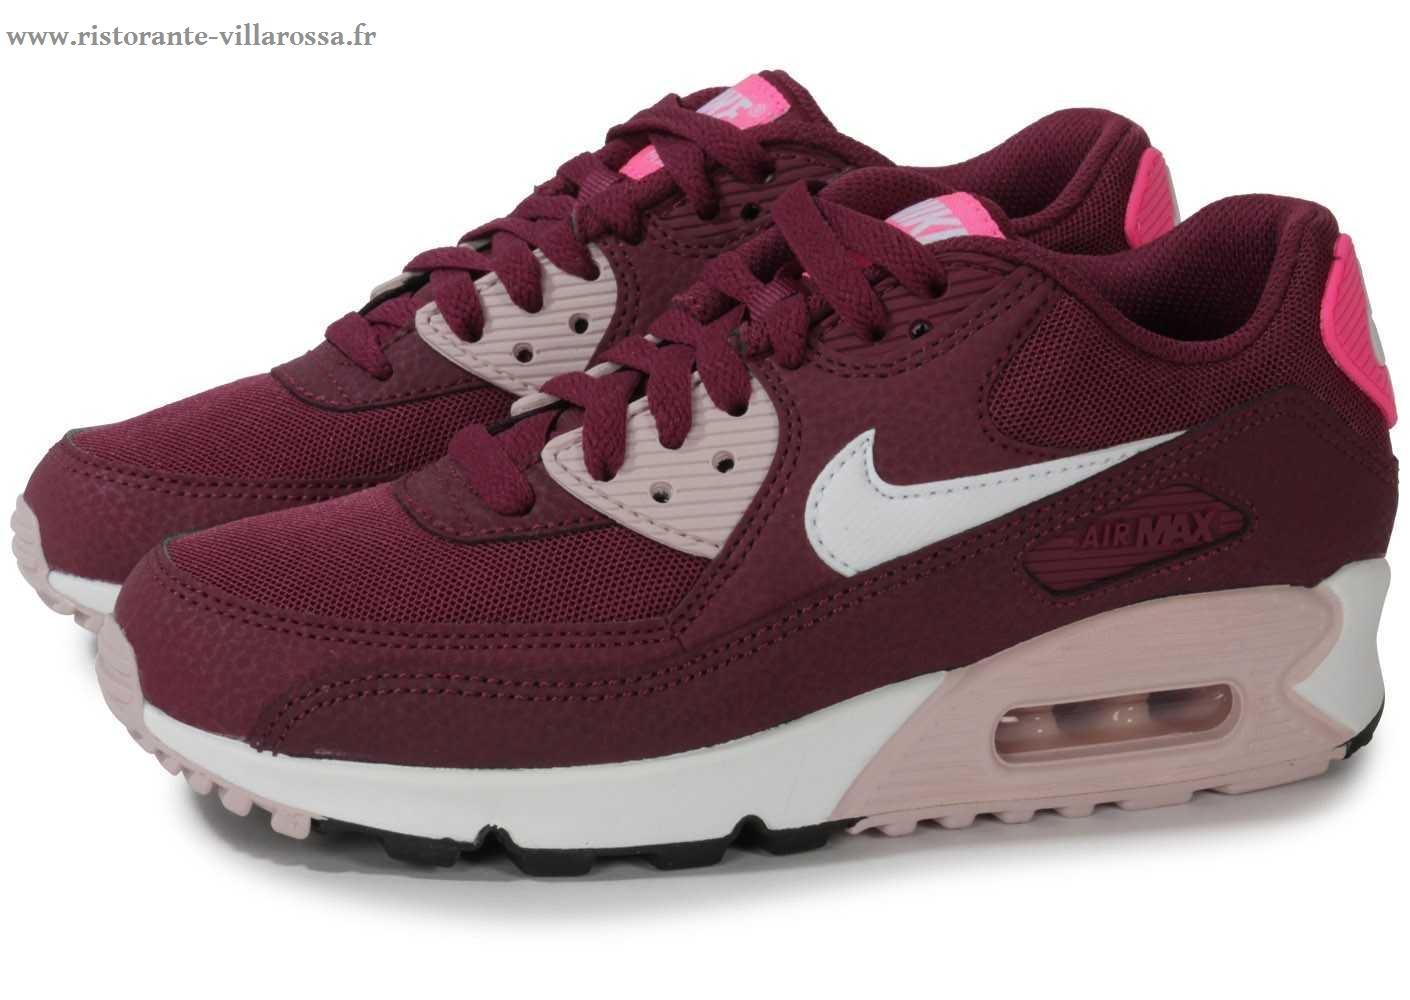 best website c3a72 84f0c Femme Nike Air Max 95 Essential Chaussures Wine Rouge Bordeaux Blanche Pas  Cher. Double-cliquez sur l u0027image ...